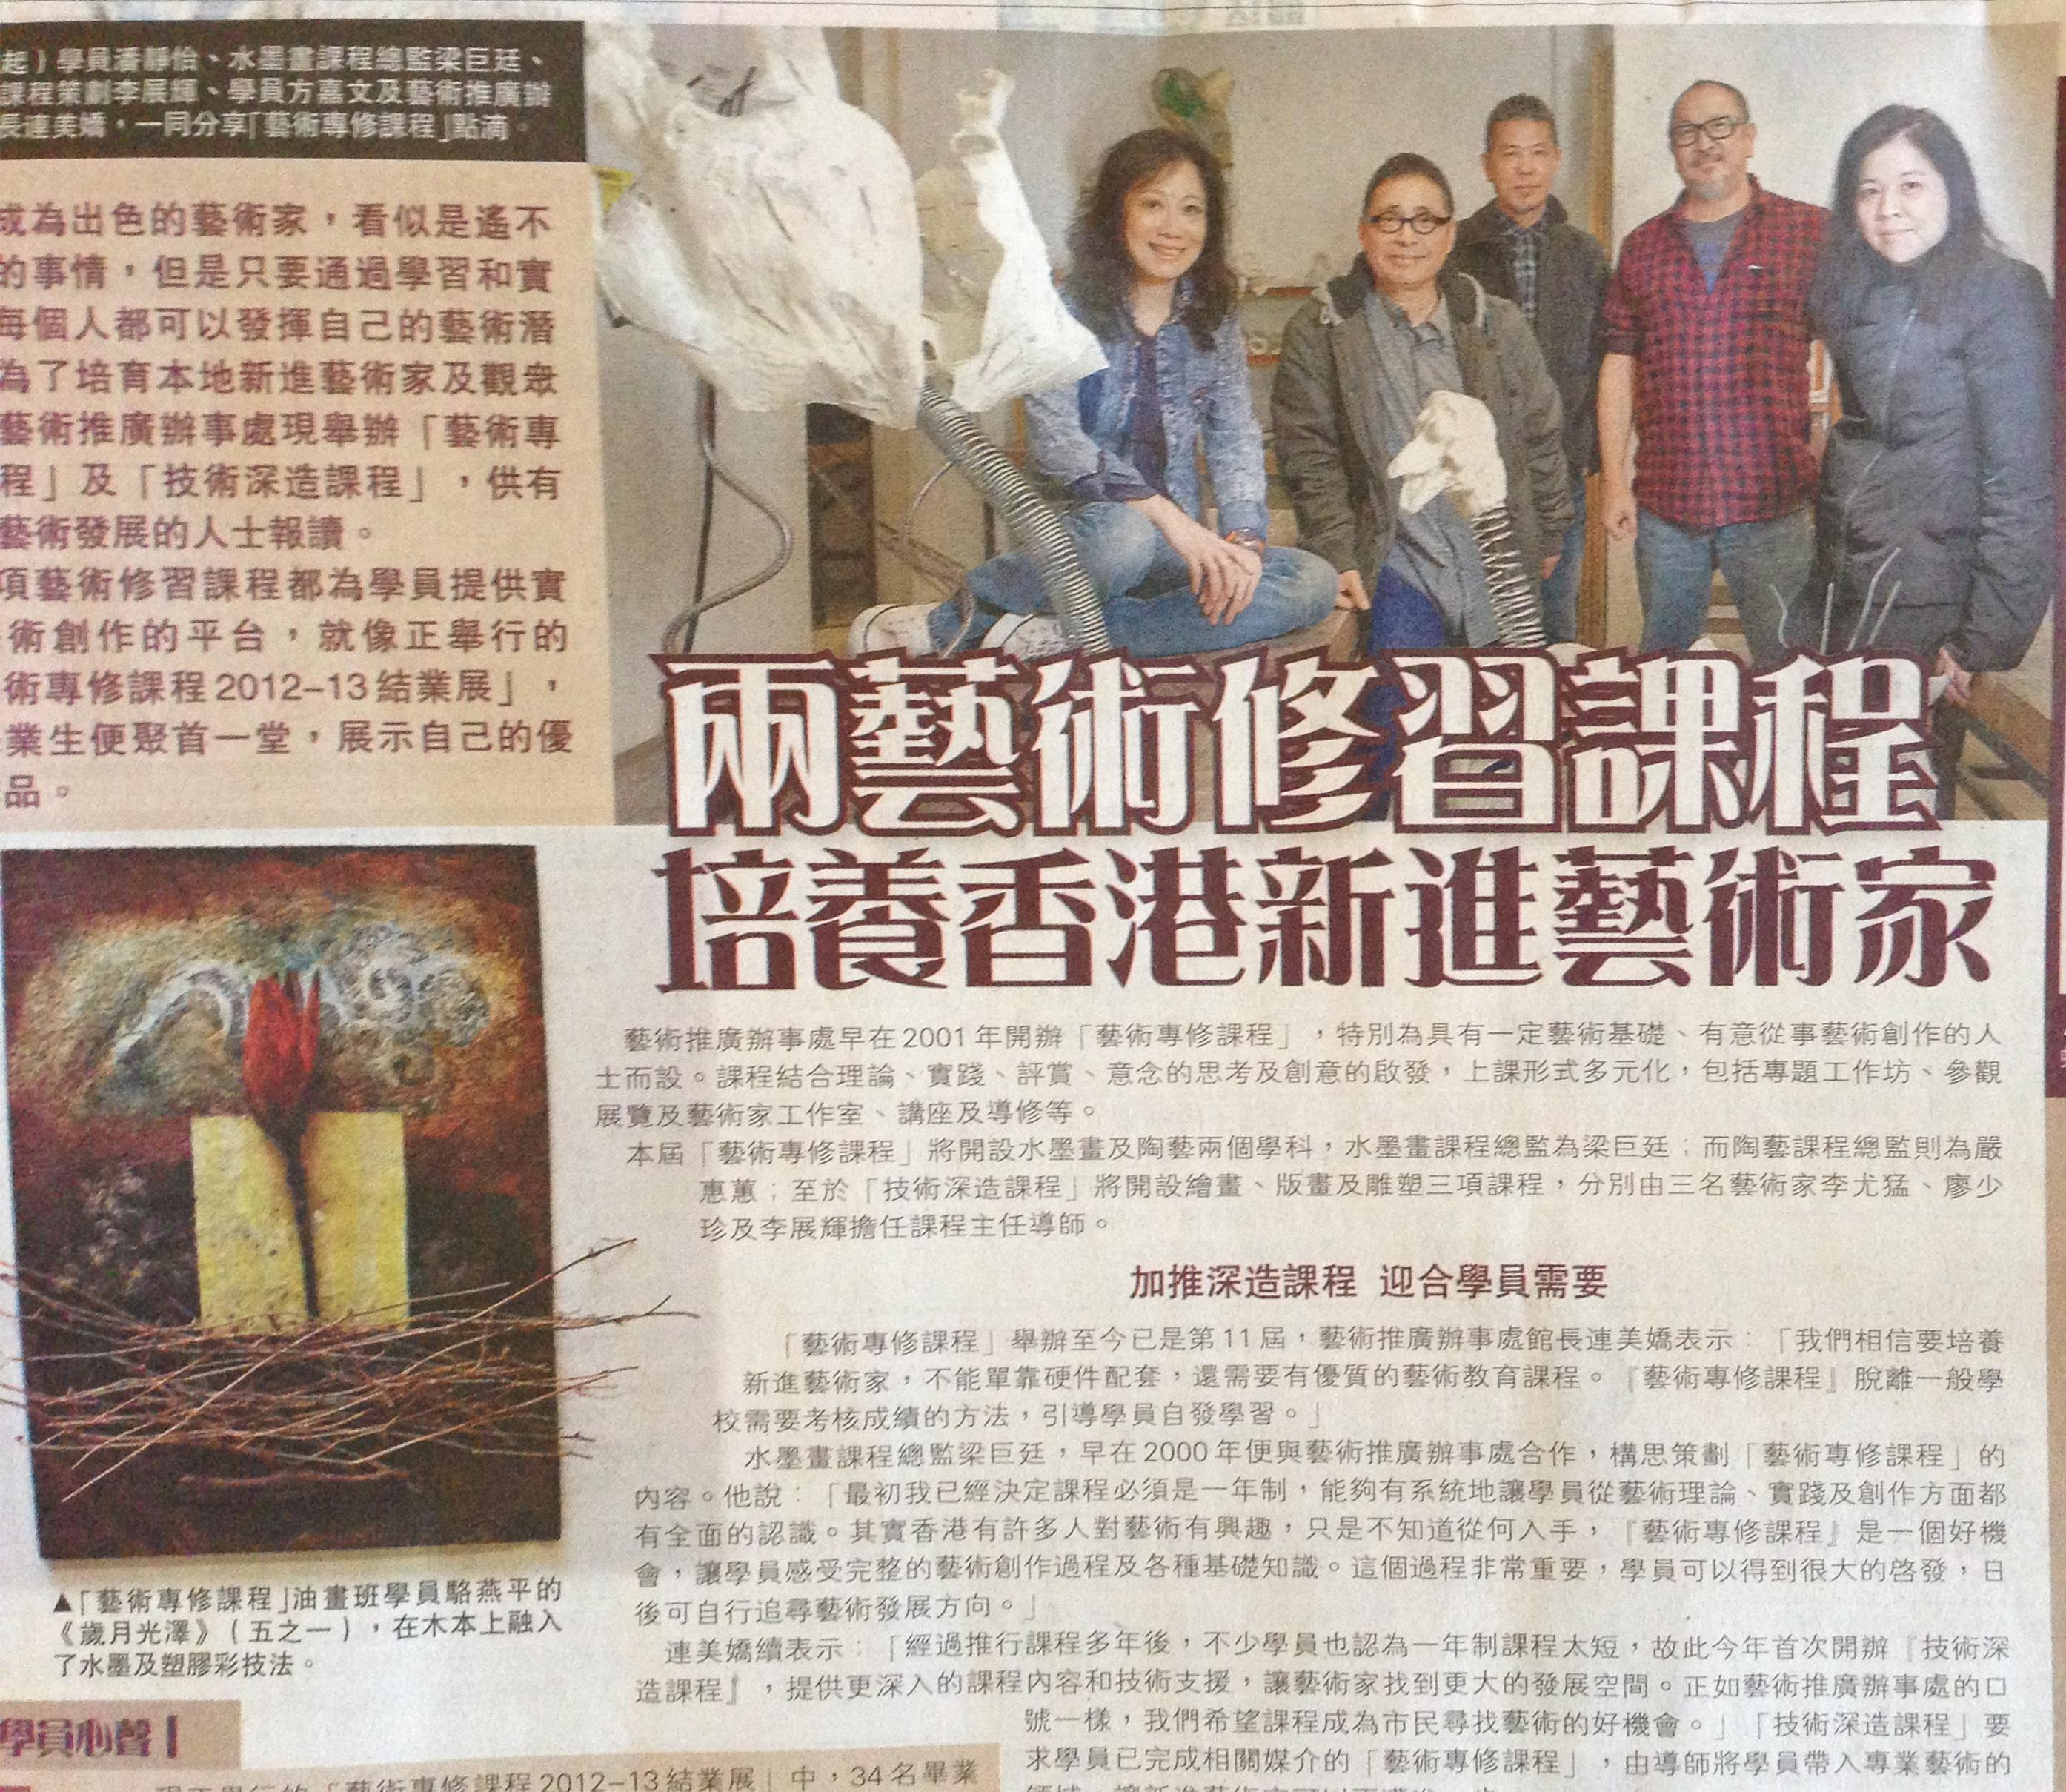 兩藝術修習課程 培養香港新進藝術家